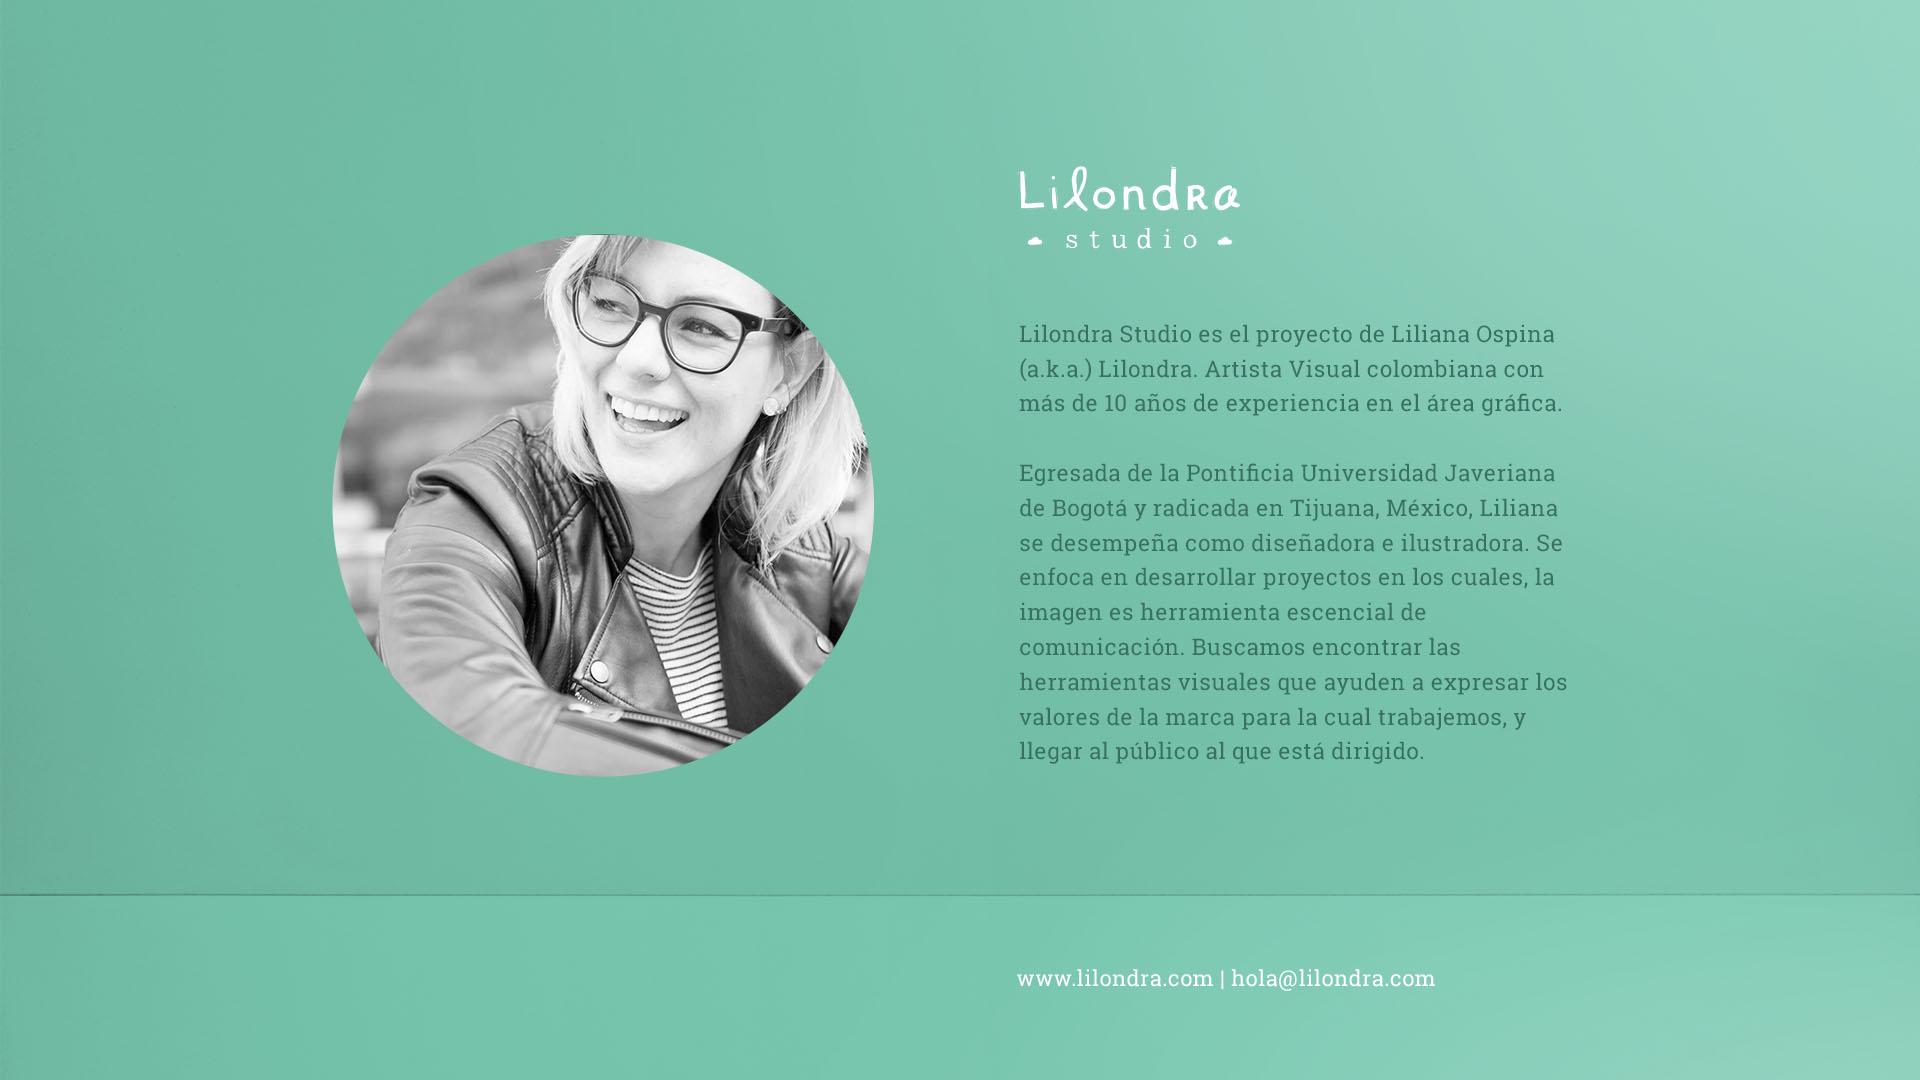 Material_Restaurantes_LilondraStudio00.jpg